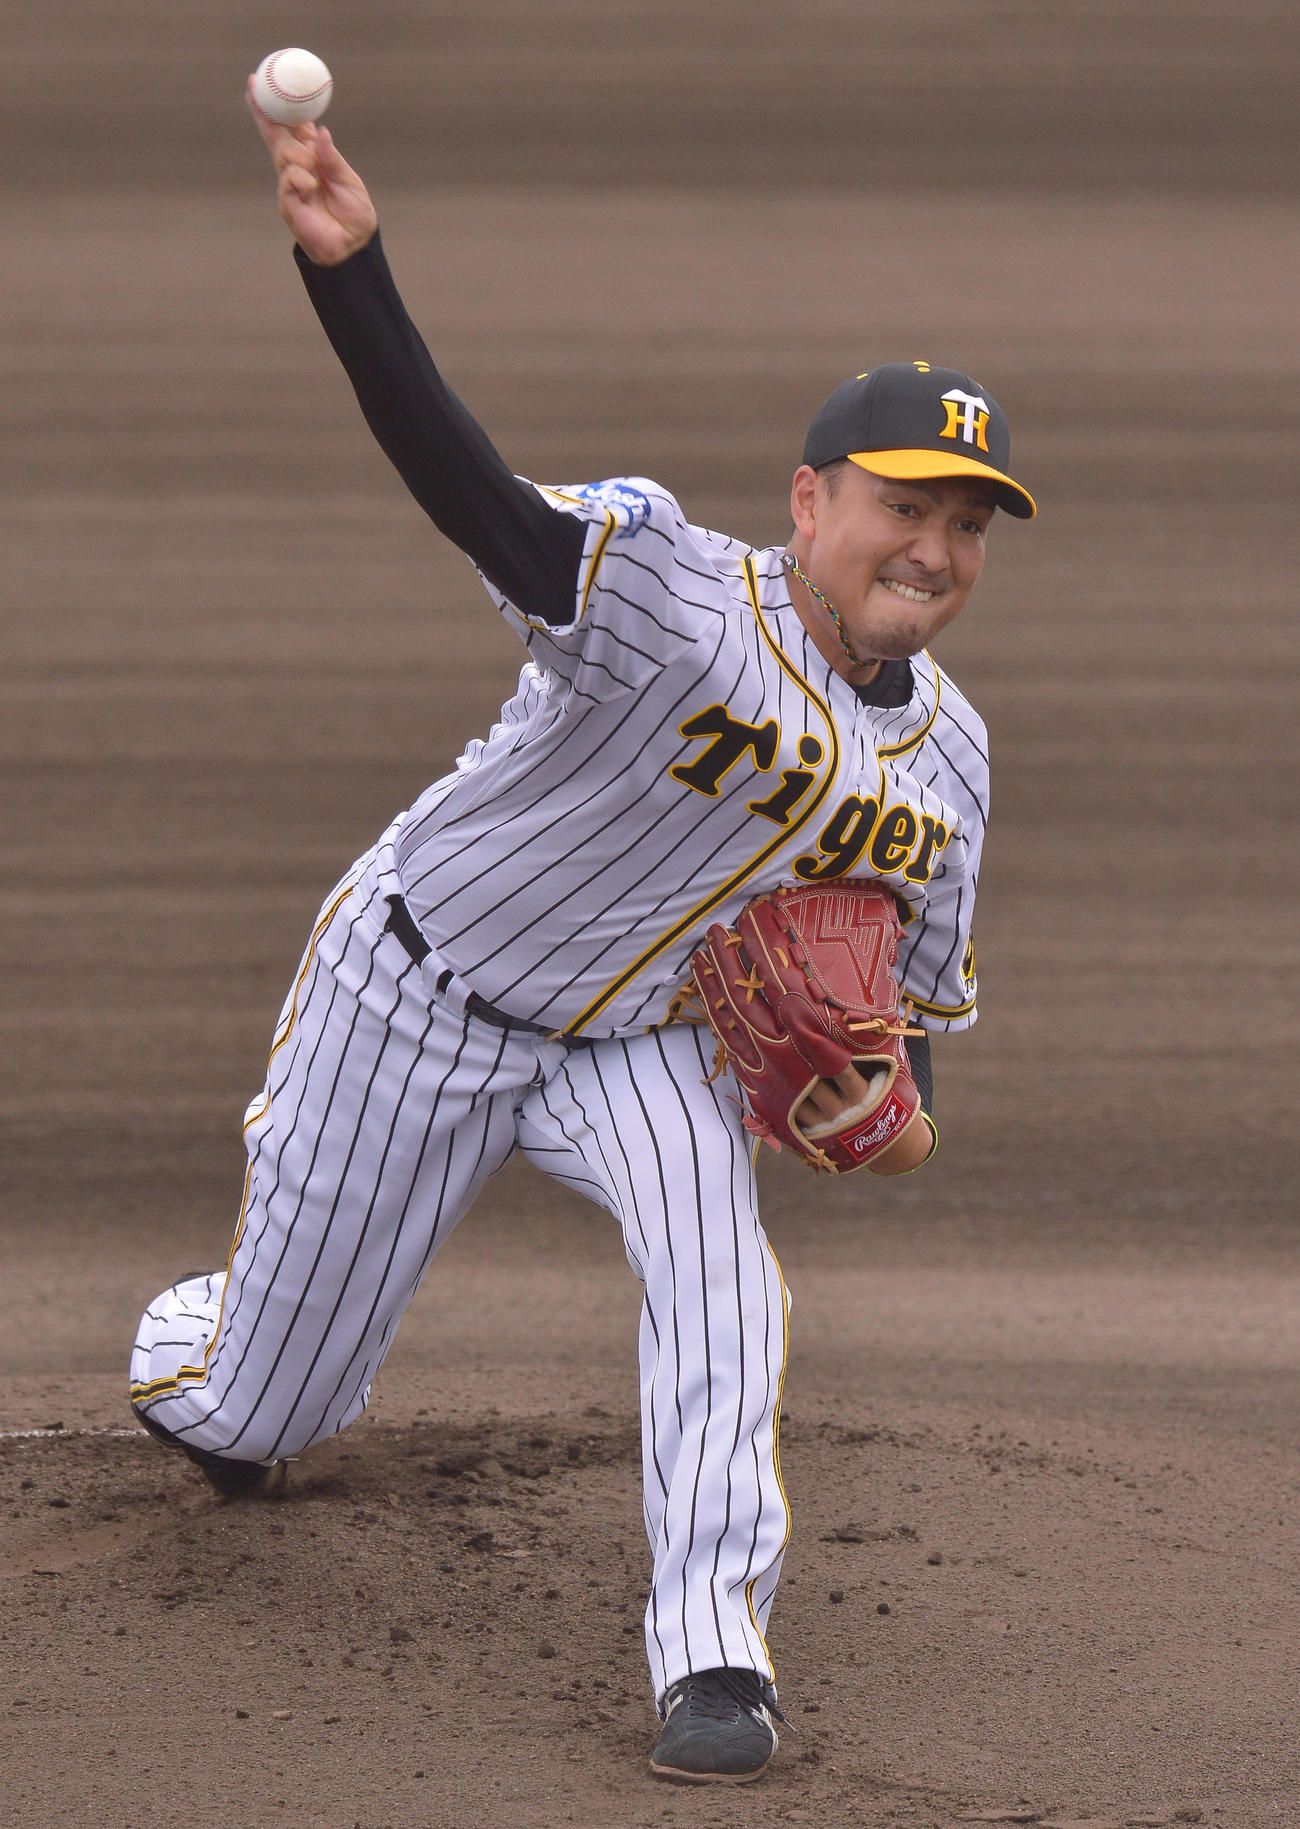 ウエスタン・リーグ阪神対ソフトバンク 先発した秋山は2回を1失点する